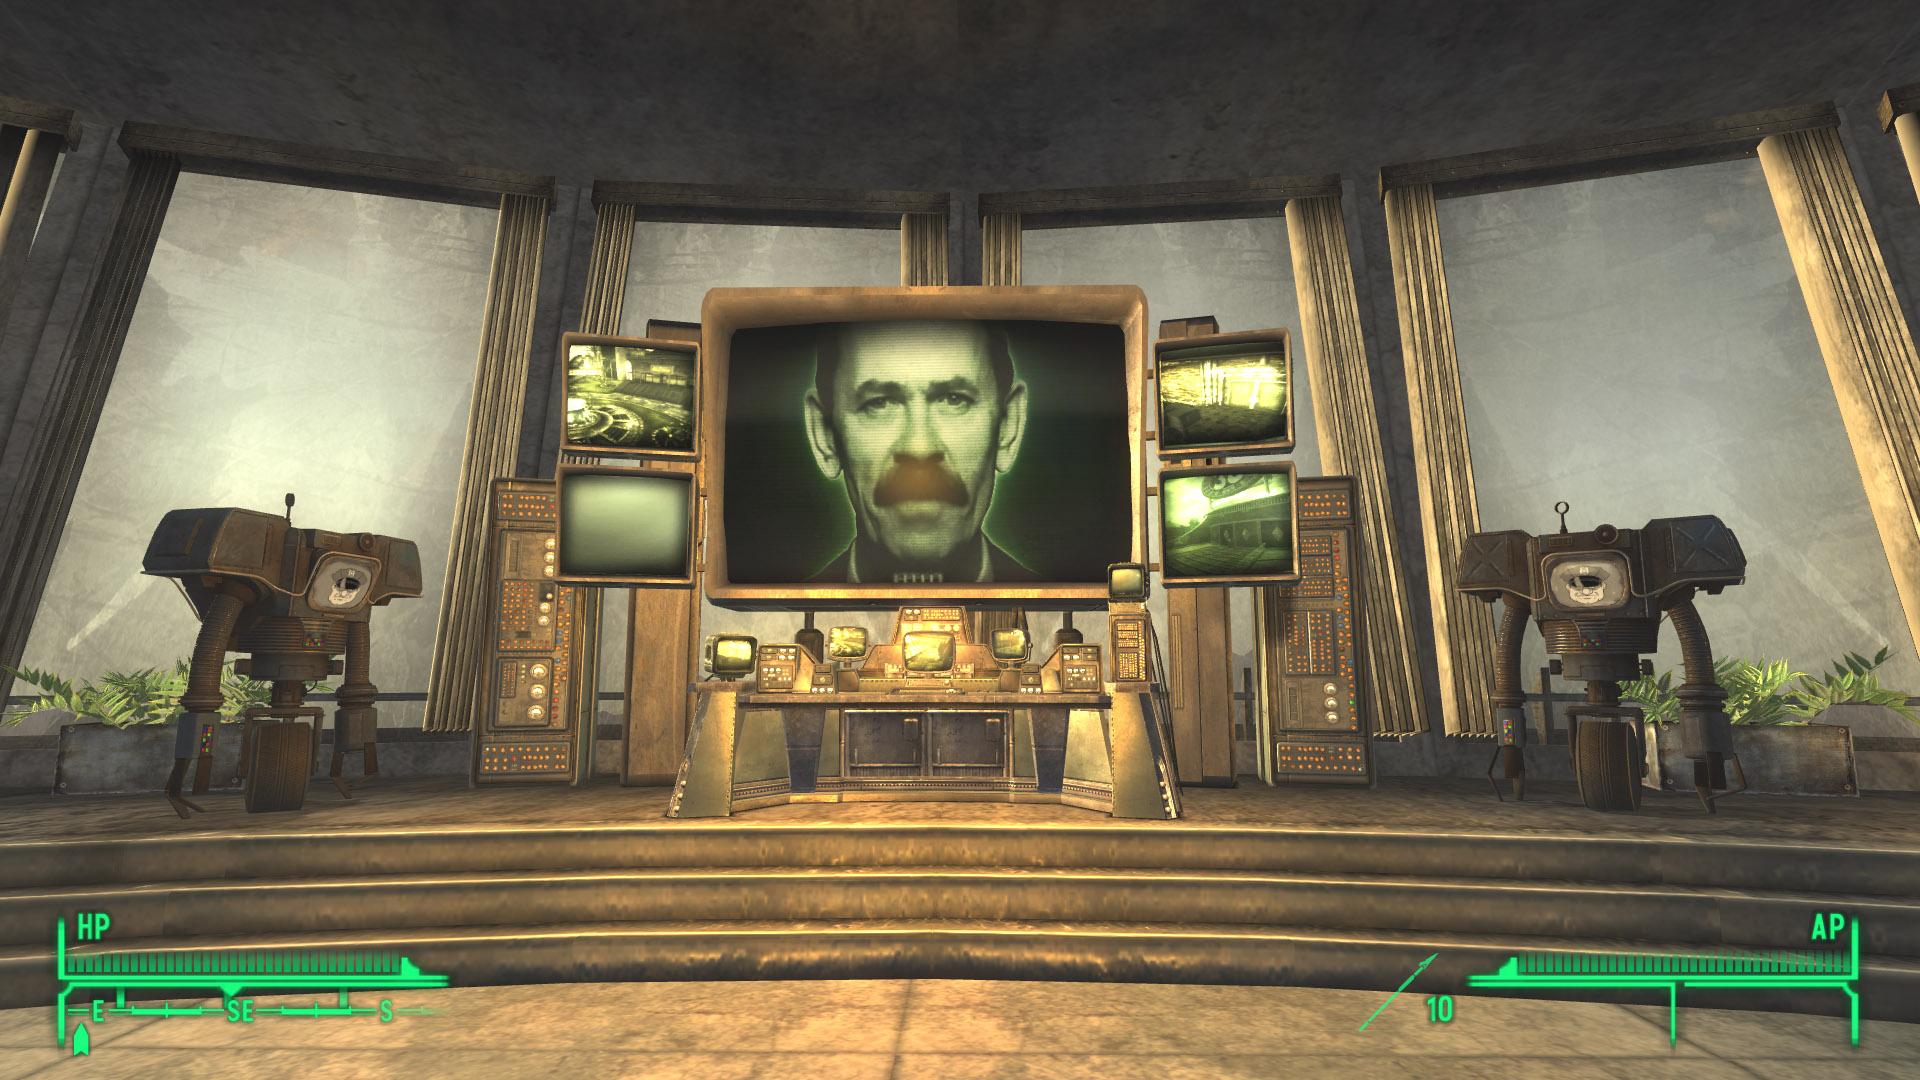 HP AP 10 Scatman John Fallout New Vegas Games